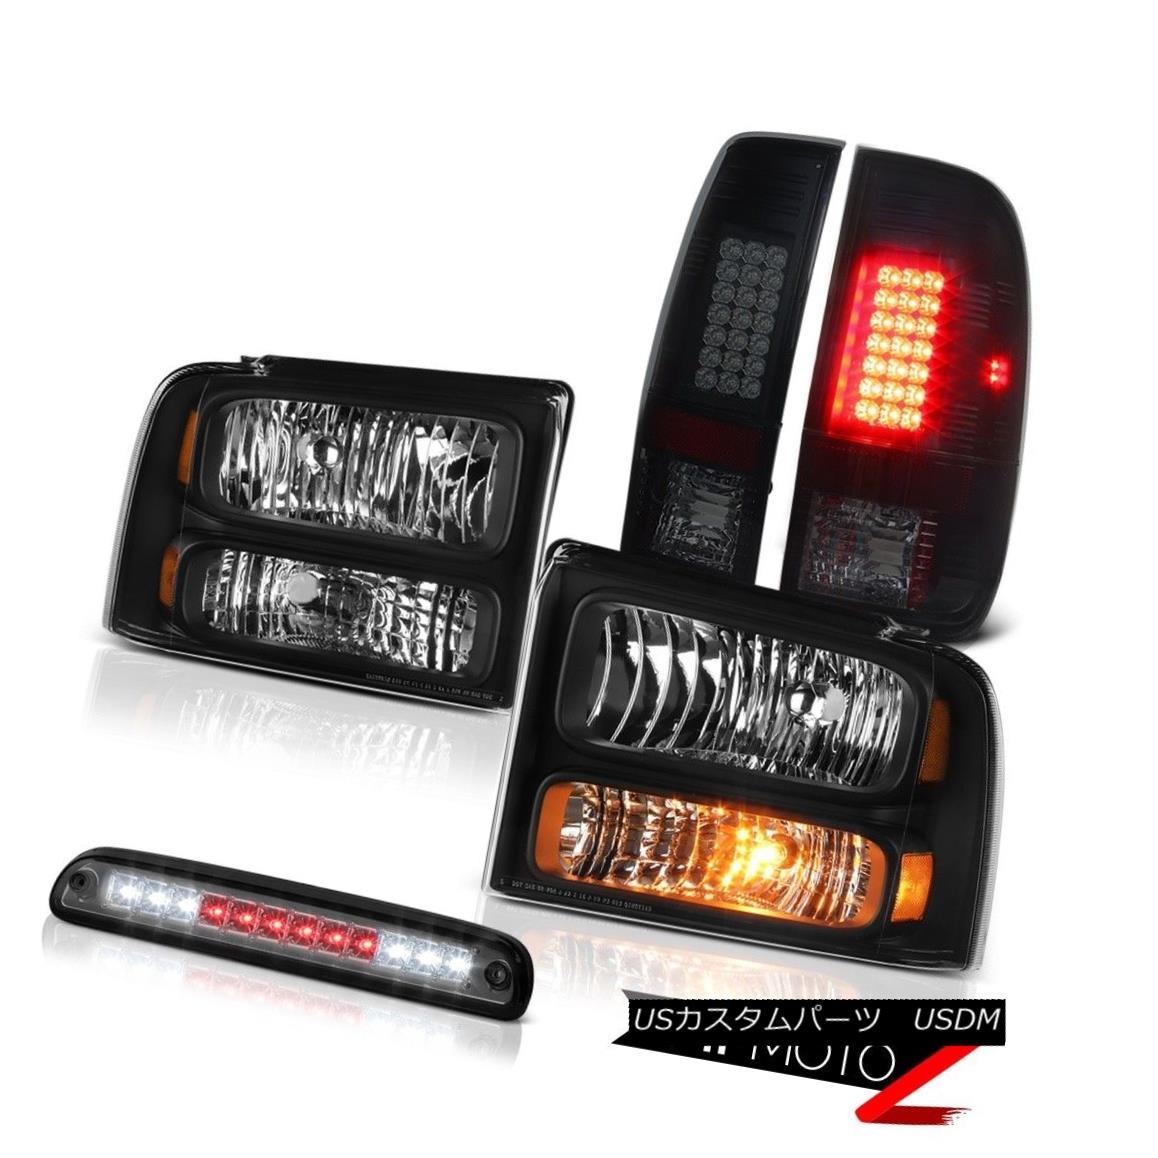 ヘッドライト 2005-2007 F350 6.8L Matte Black Headlights Sinister LED Tail Lights Roof Brake 2005-2007 F350 6.8Lマットブラックヘッドライト不快なLEDテールライトルーフブレーキ